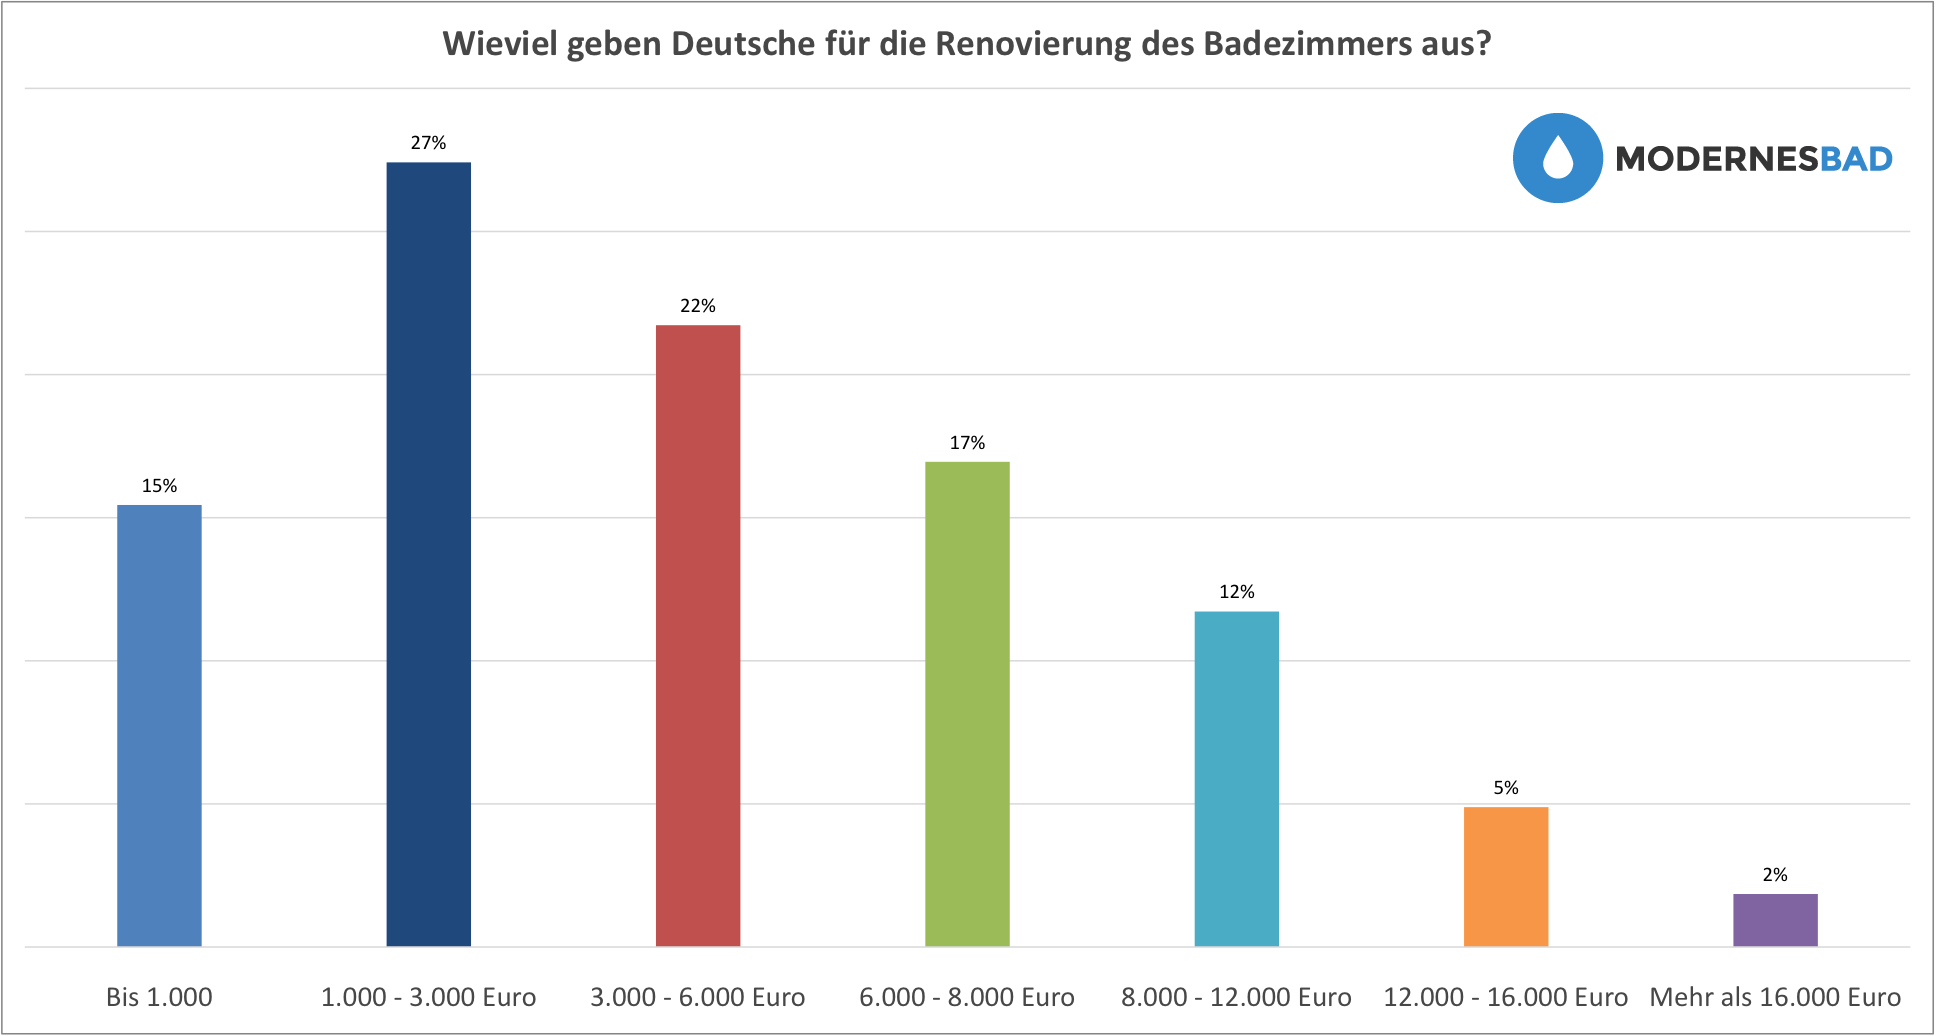 Übersicht: Wieviel geben Deutsche für die Renovierung eines Badezimmers aus?